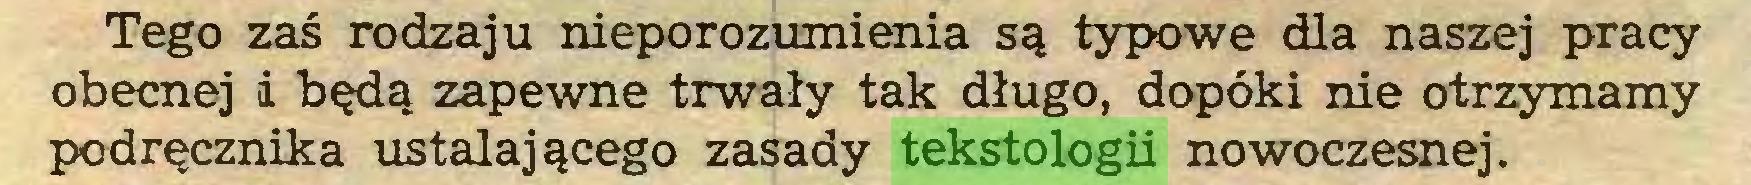 (...) Tego zaś rodzaju nieporozumienia są typowe dla naszej pracy obecnej i będą zapewne trwały tak długo, dopóki nie otrzymamy podręcznika ustalającego zasady tekstologii nowoczesnej...